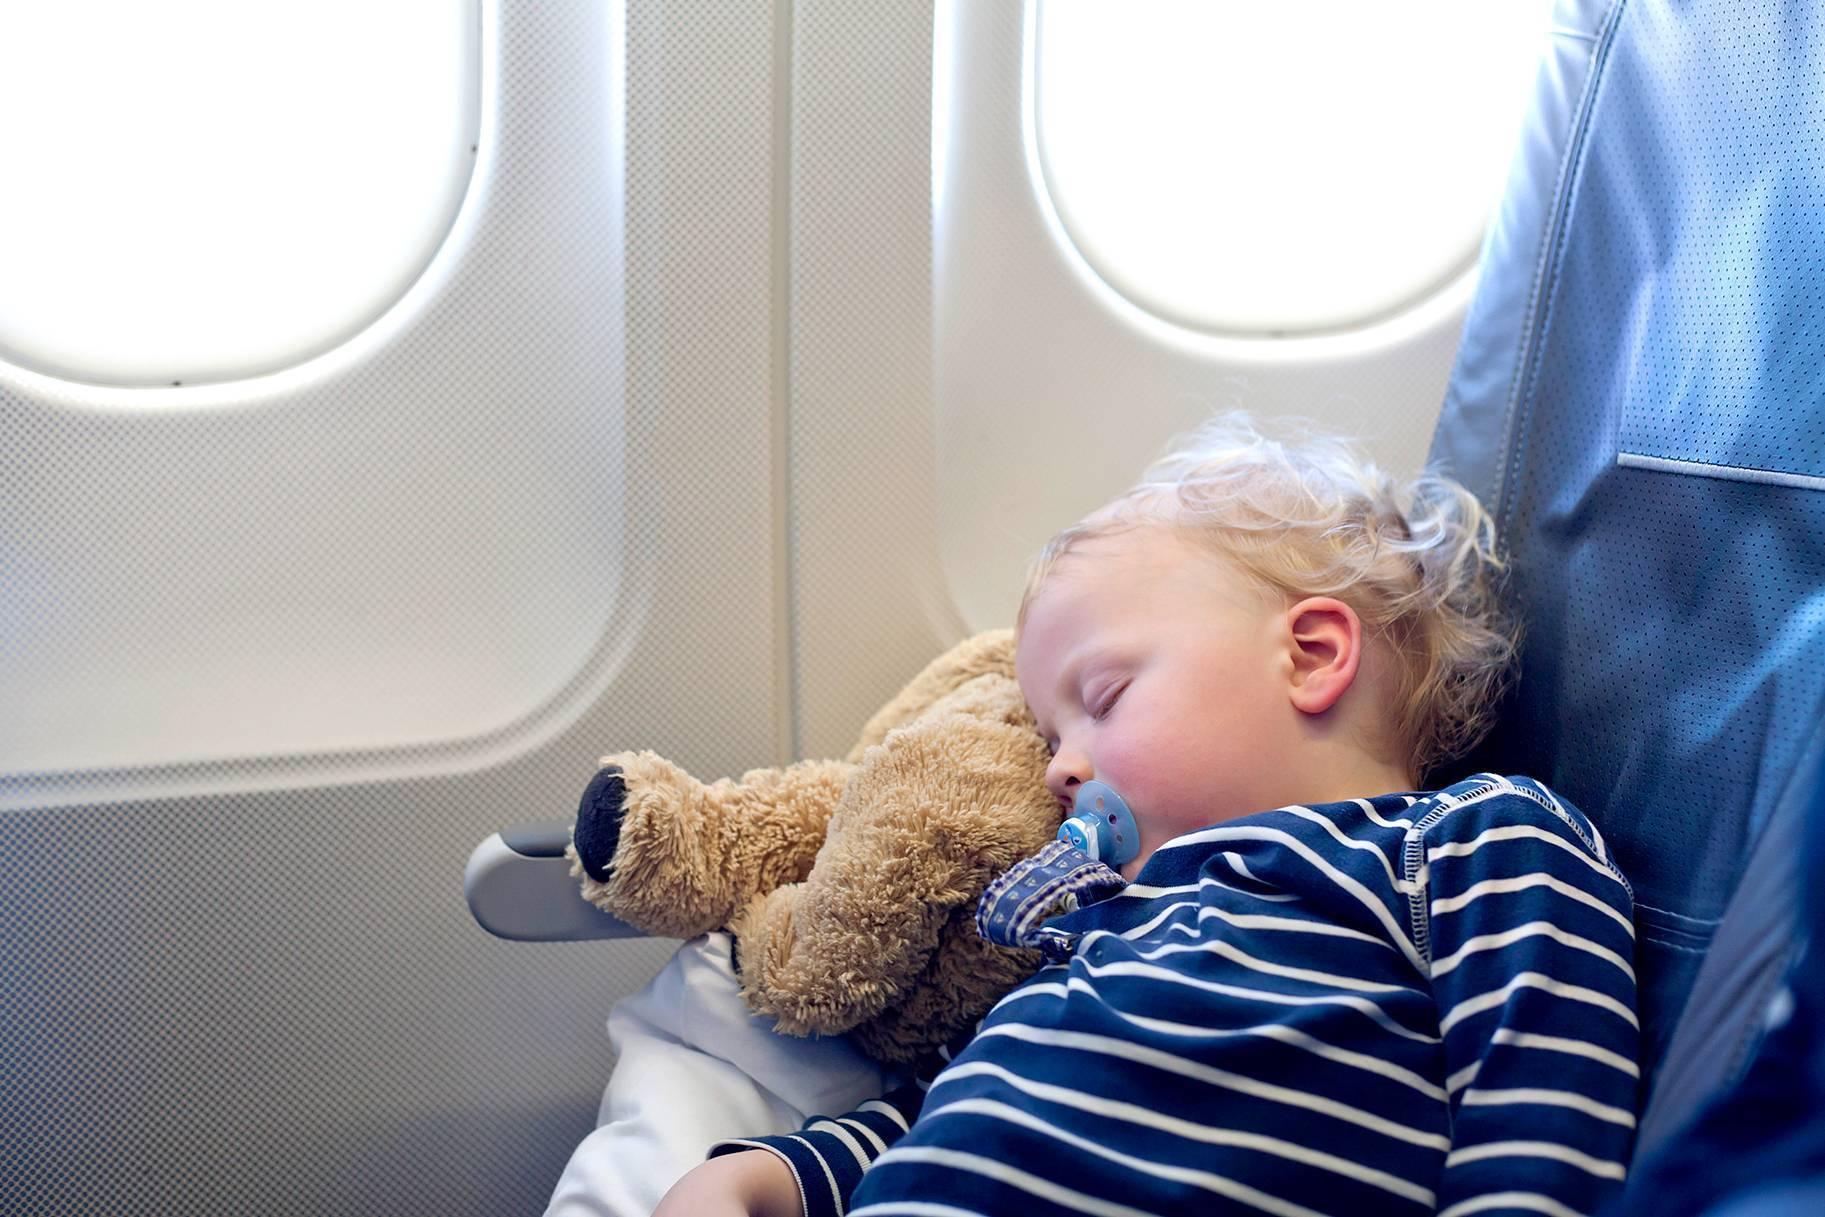 Дети и самолет: взгляд педиатра - летидор